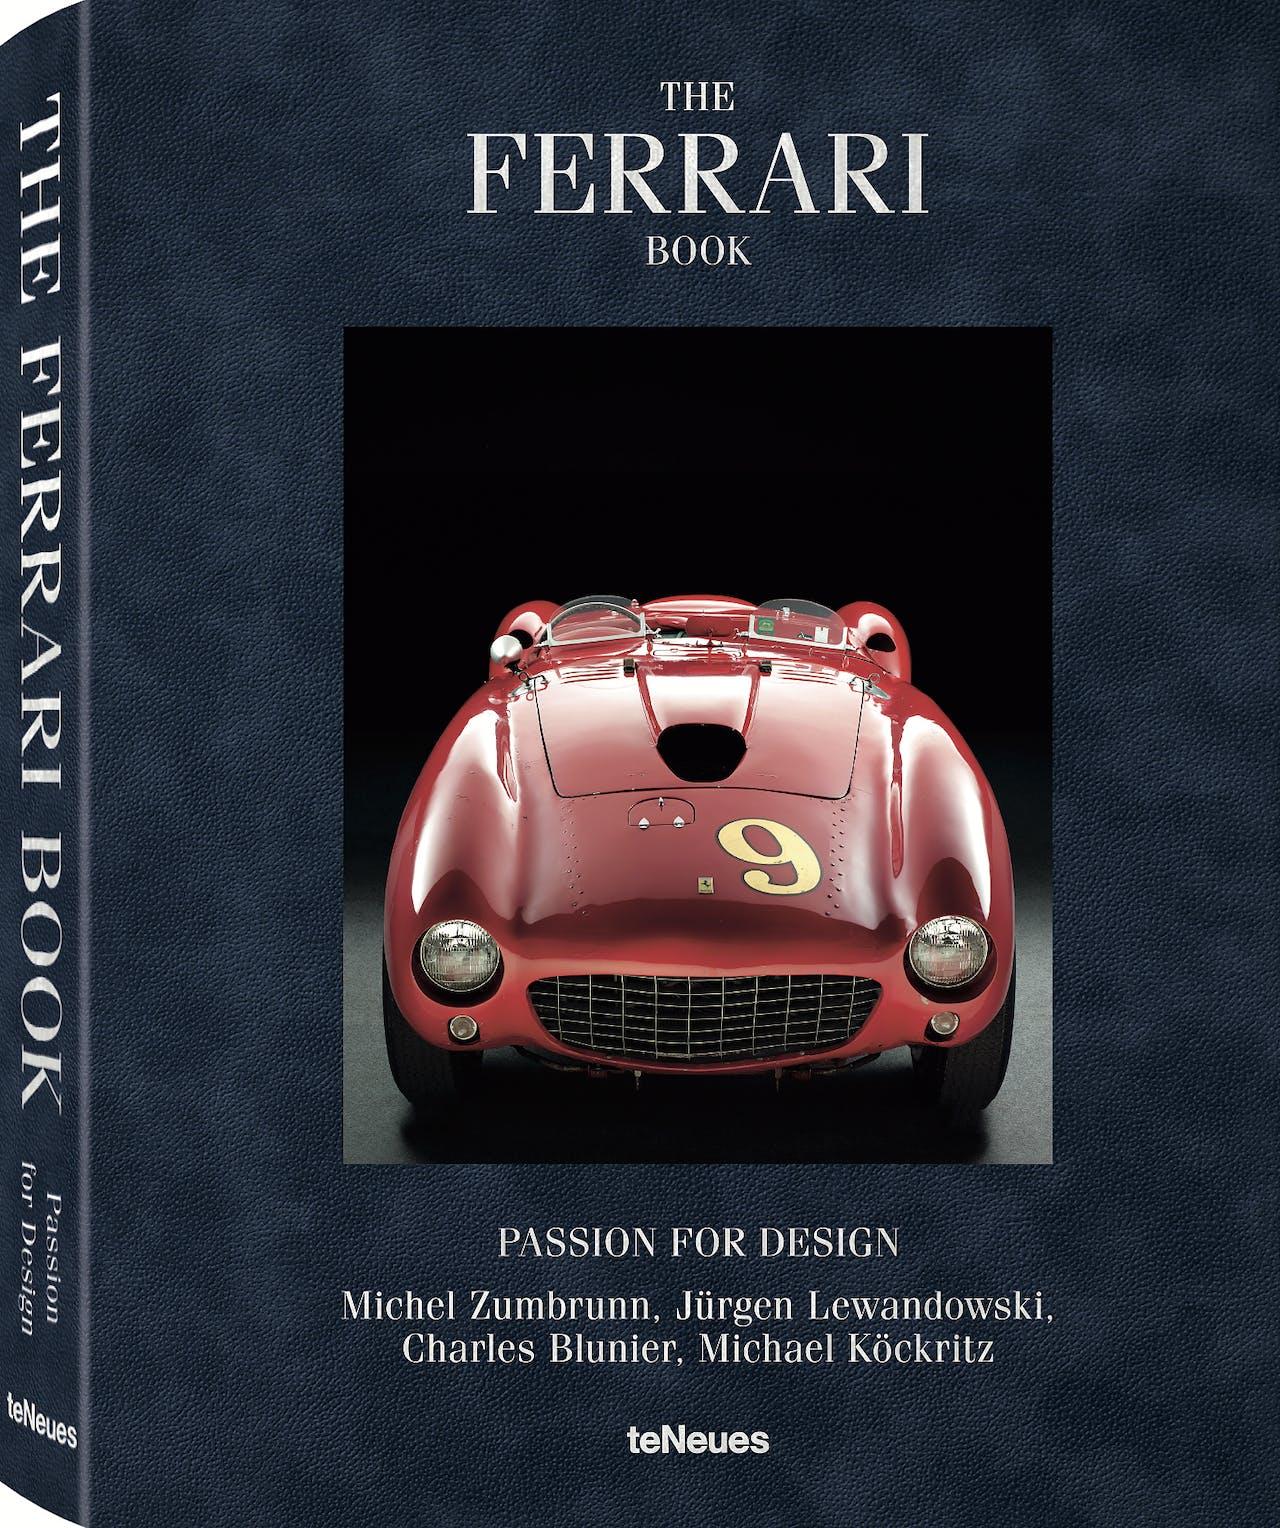 The Ferrari Book, Passion for Design, uitgeverij teNeues, €128